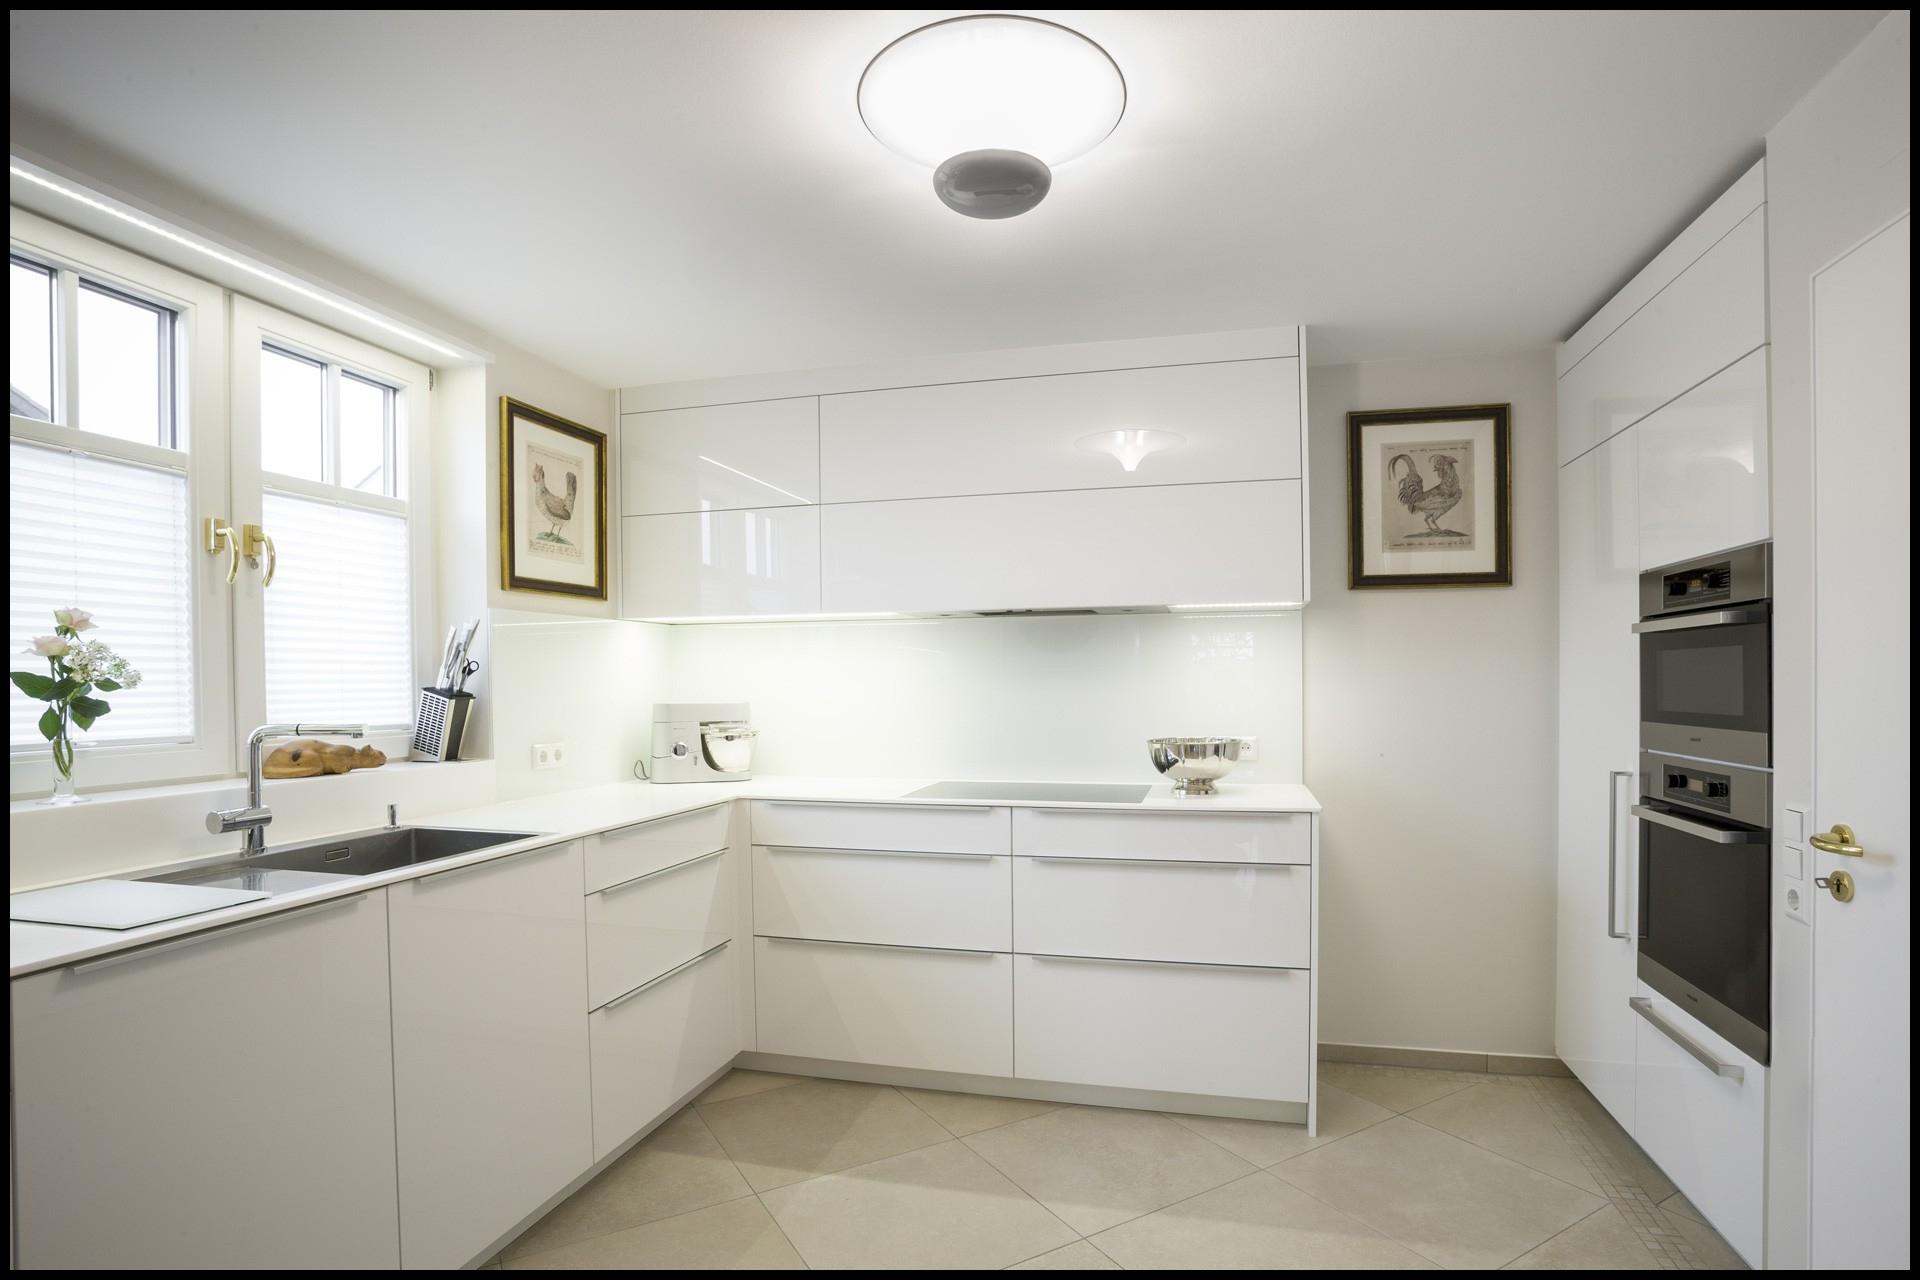 Full Size of Küche Aufbewahrung 220973 Küche Aufbewahrung Einzigartig Wohndesign Ziemlich Besenschrank Küche Küche Aufbewahrung